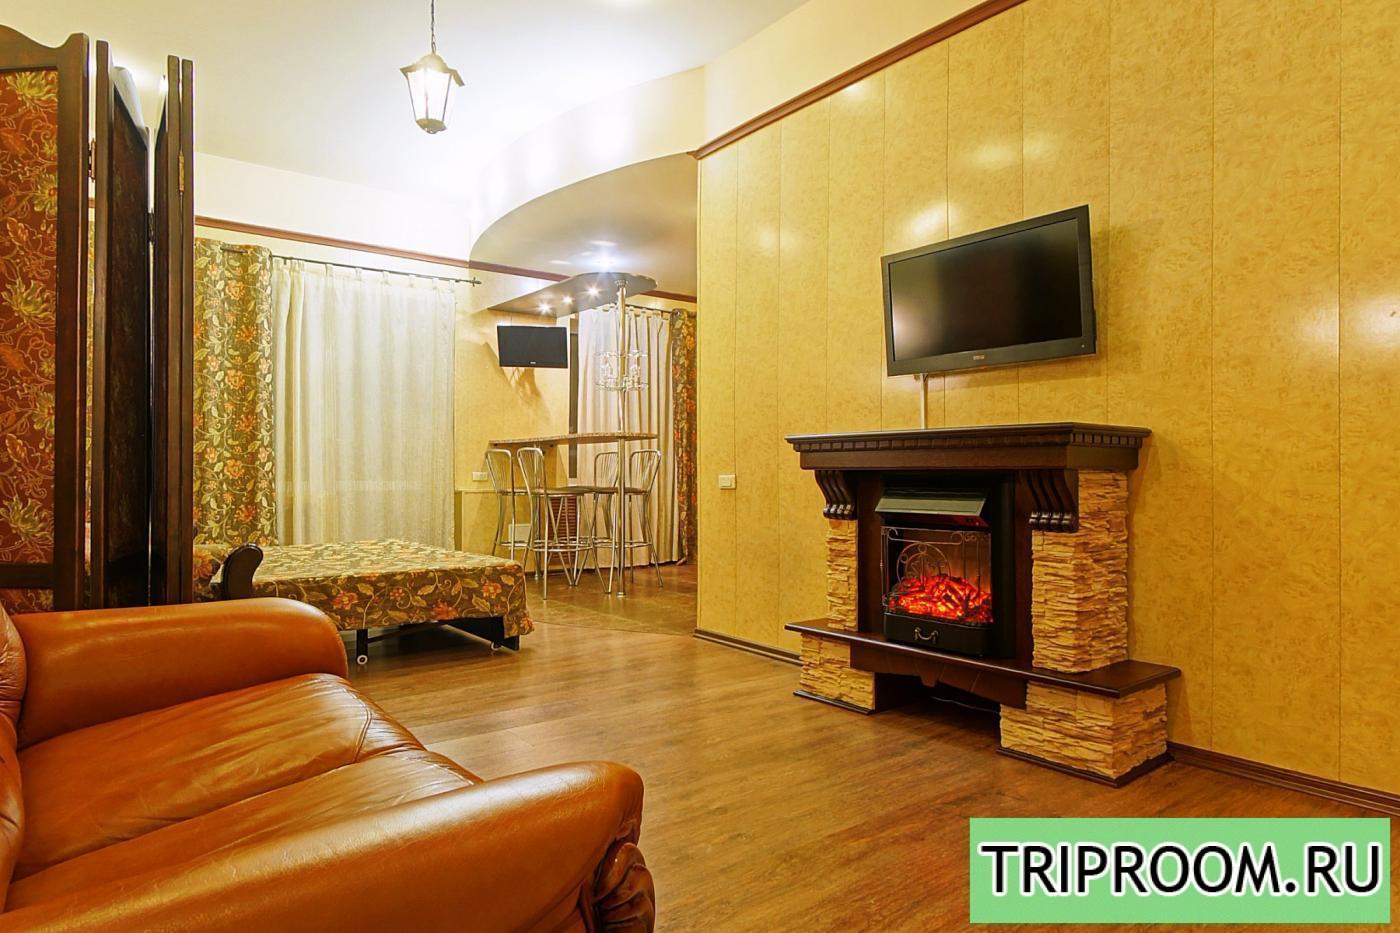 1-комнатная квартира посуточно (вариант № 6079), ул. Молодогвардейцев улица, фото № 2